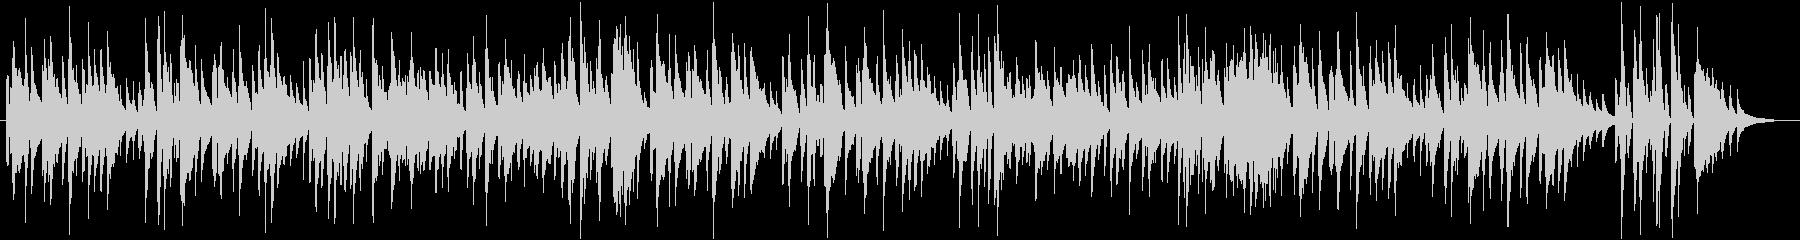 ハッピーバースデー JAZZピアノデュオの未再生の波形